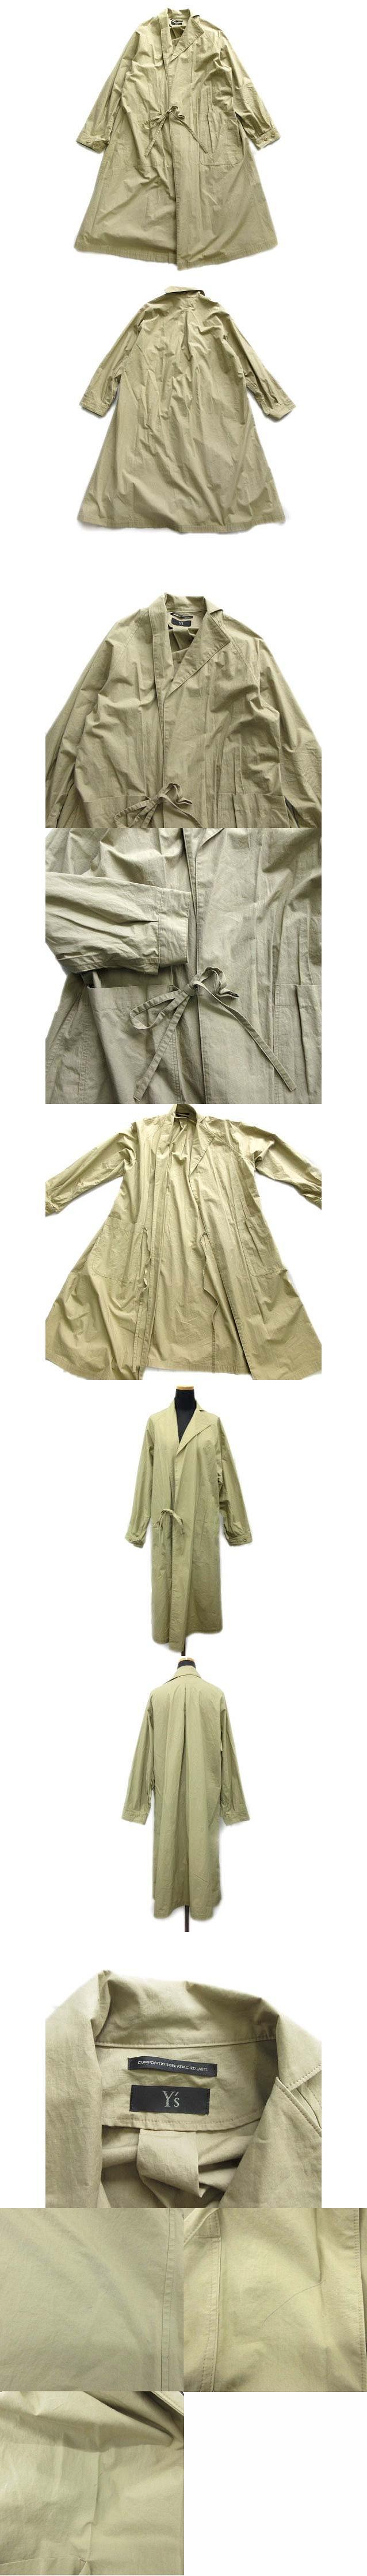 ヨウジヤマモト Yohji Yamamoto コットンダンプガウンコート ジャケット ブルゾン タイプライタークロス アシンメトリー オーバーサイズ 薄手 YH-C05-014 1 ベージュ レディース